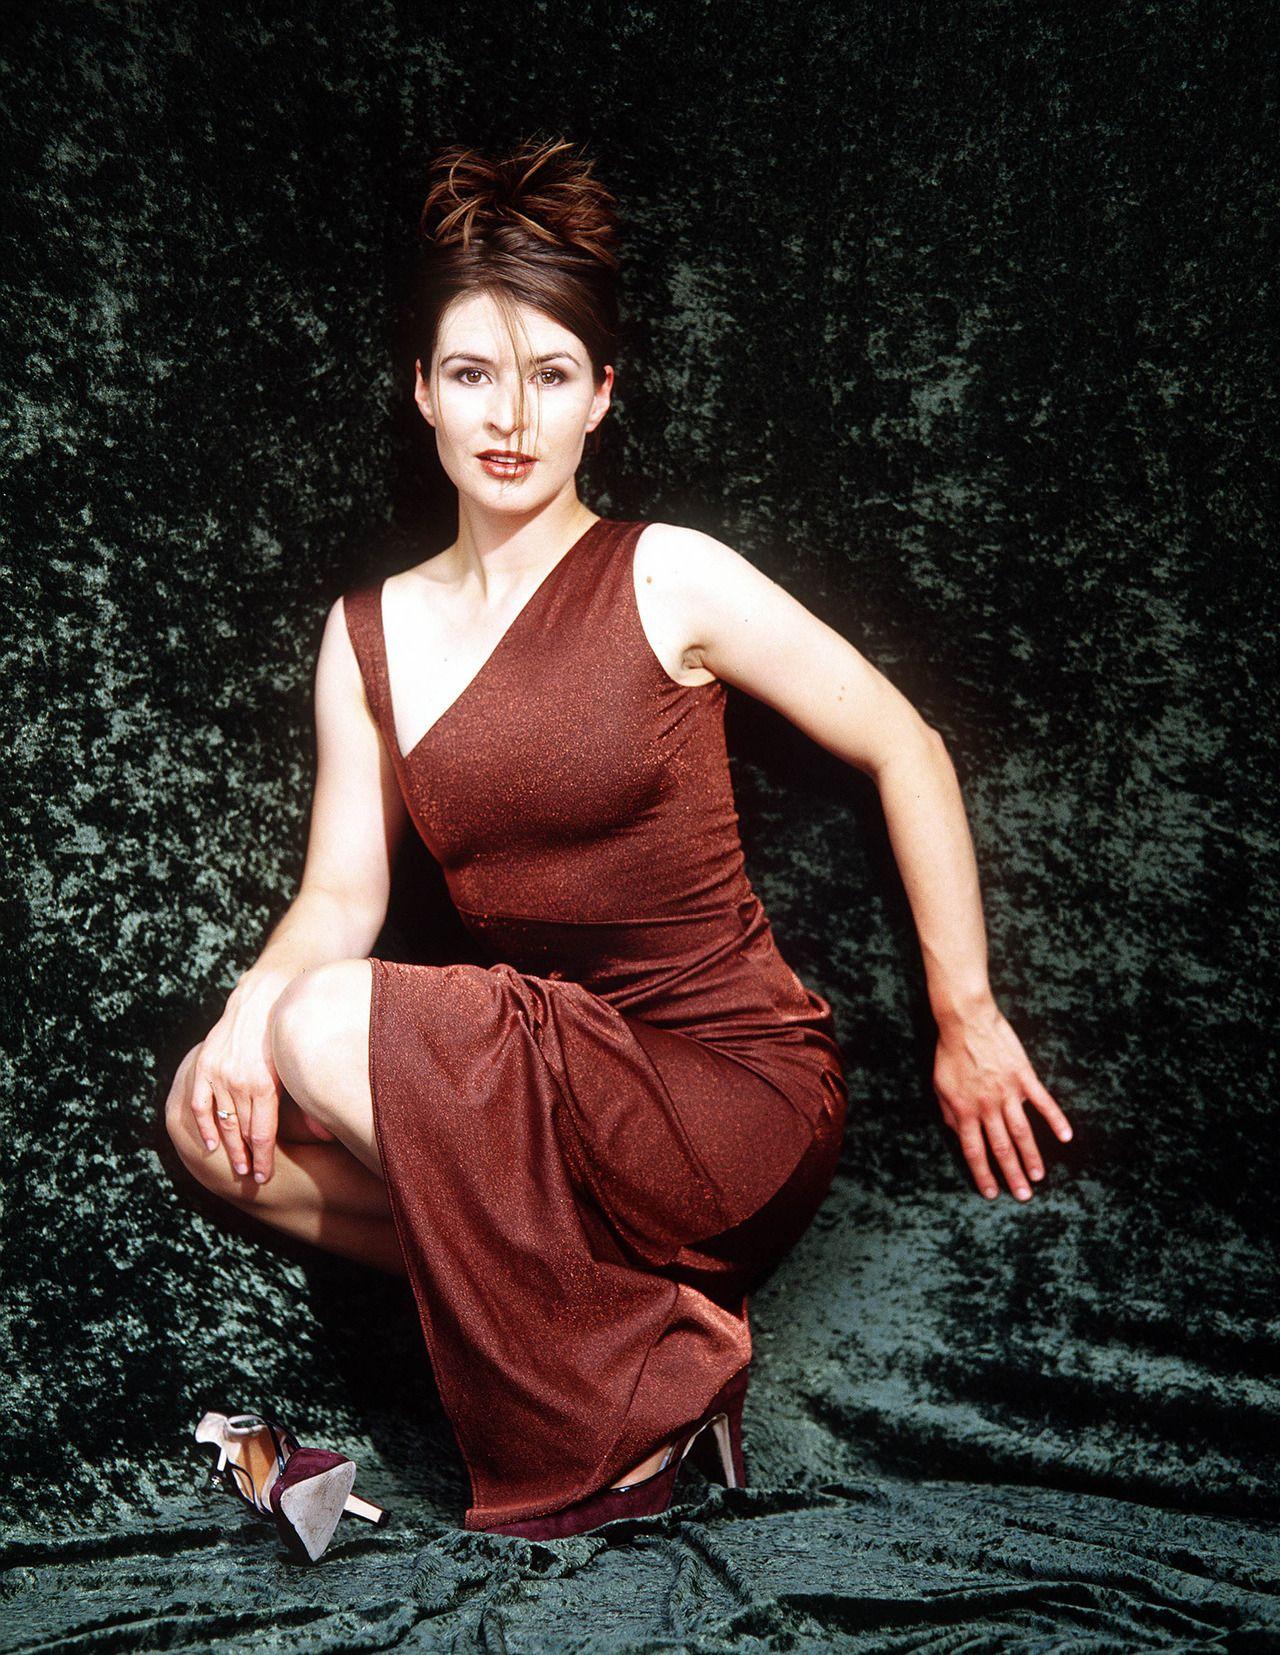 Kaya Scodelario (born 1992) XXX nude Savannah (actress),Anna Geislerova